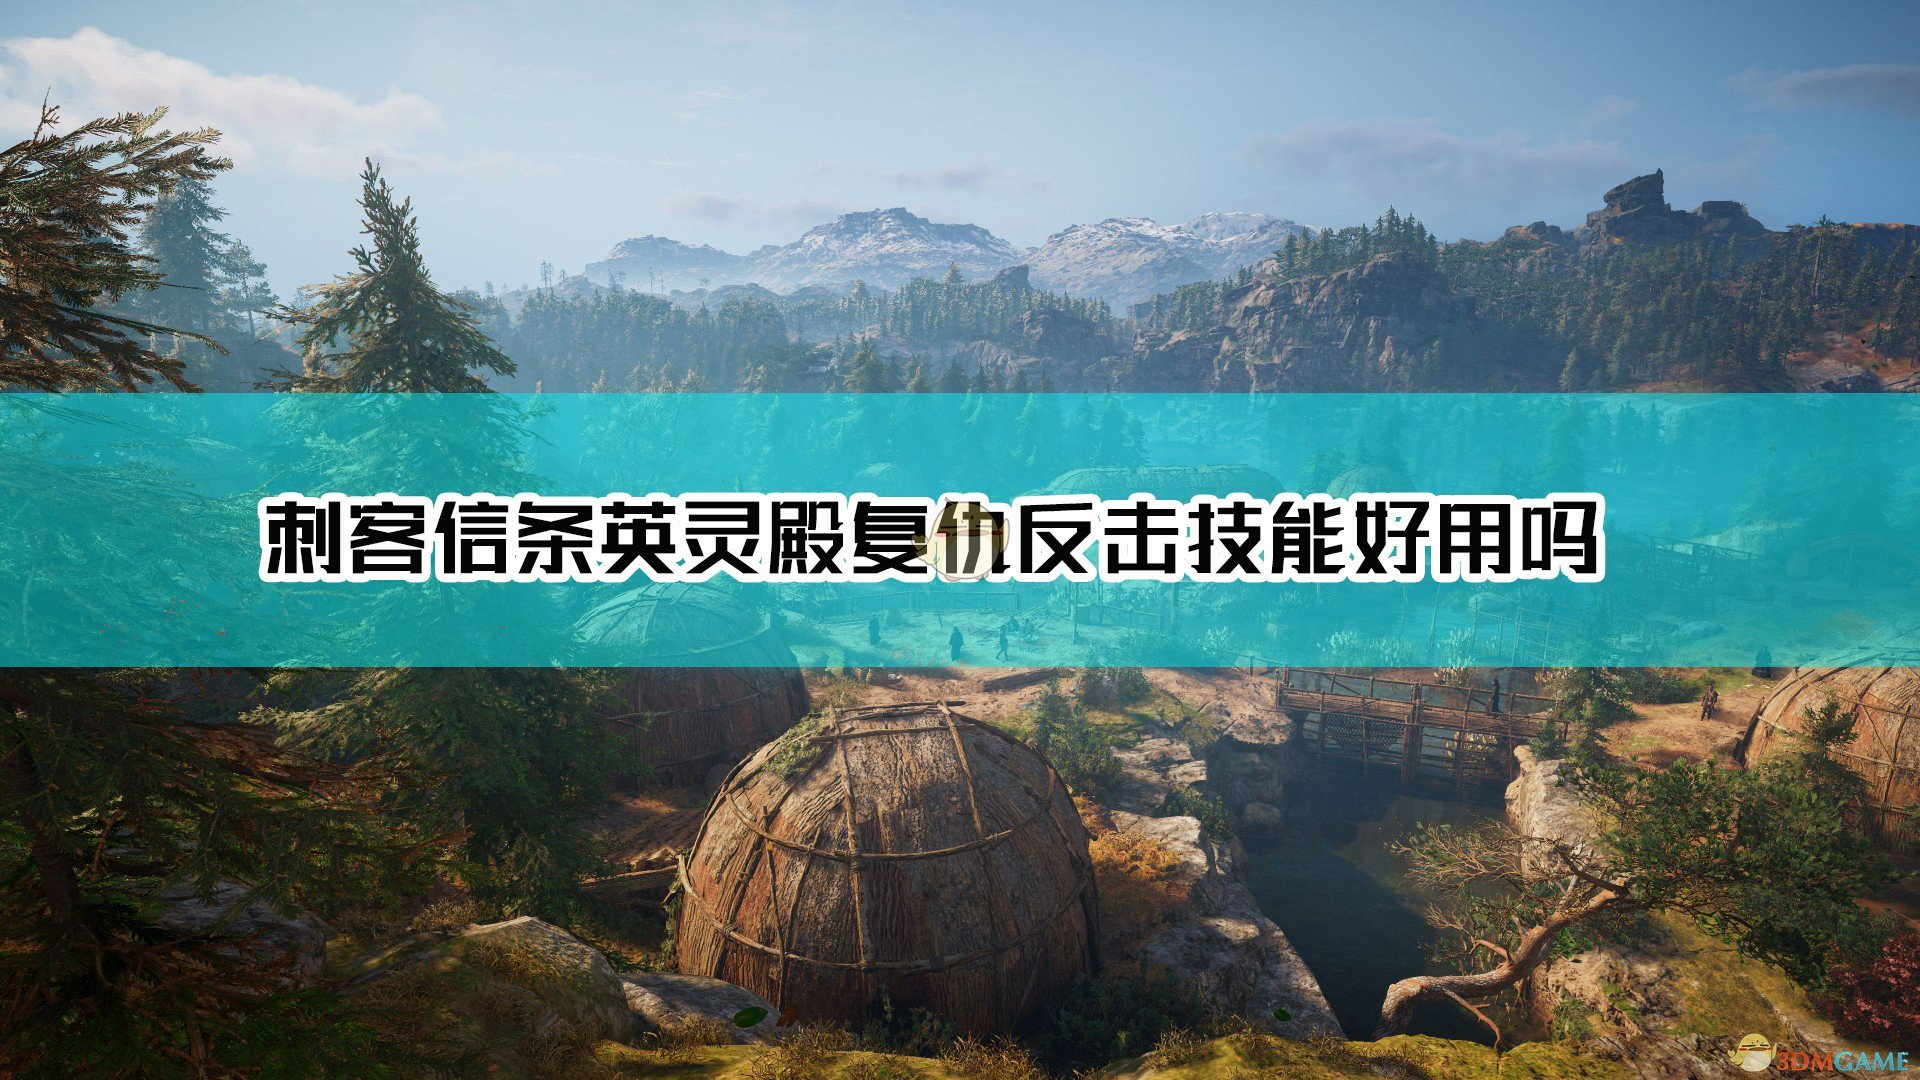 《刺客信条:英灵殿》复仇反击技能效果及点评